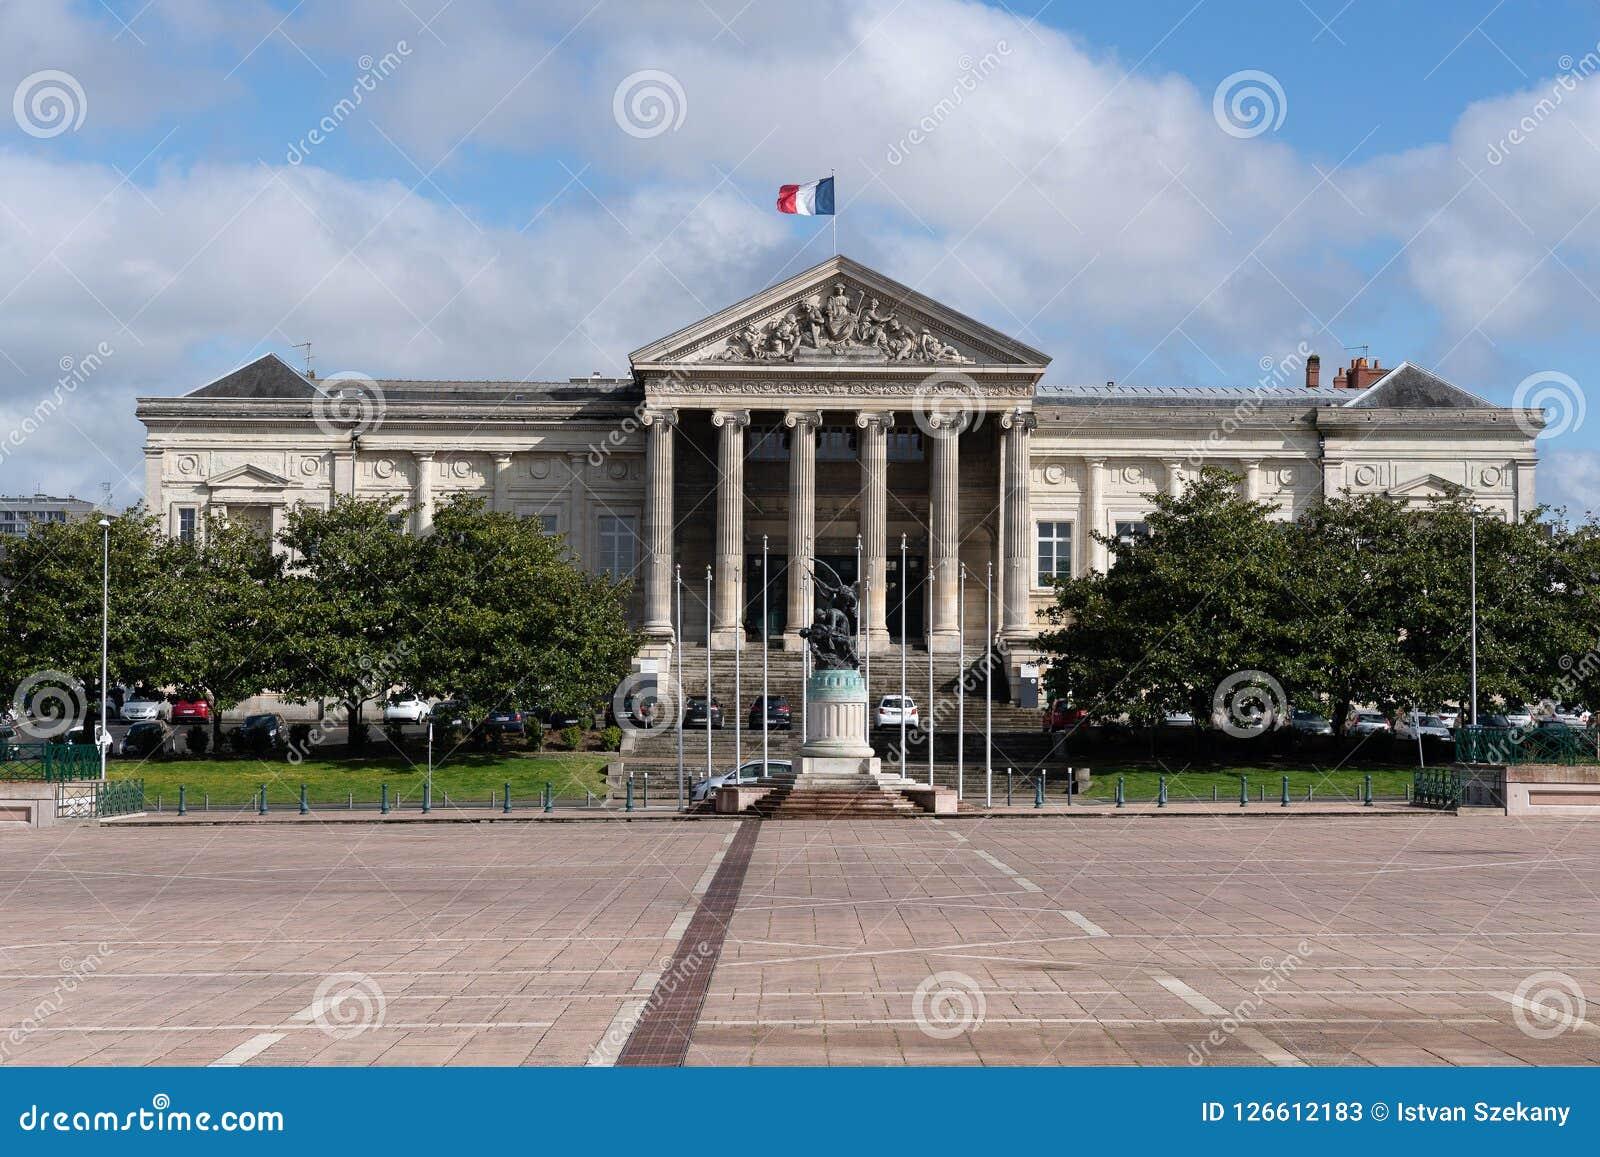 Το δικαστήριο στο μέρος Leclerc στη Angers, και η εργασία άρχισε το 1863 σύμφωνα με τα σχέδια του αρχιτέκτονα Charles-Edmond Isab